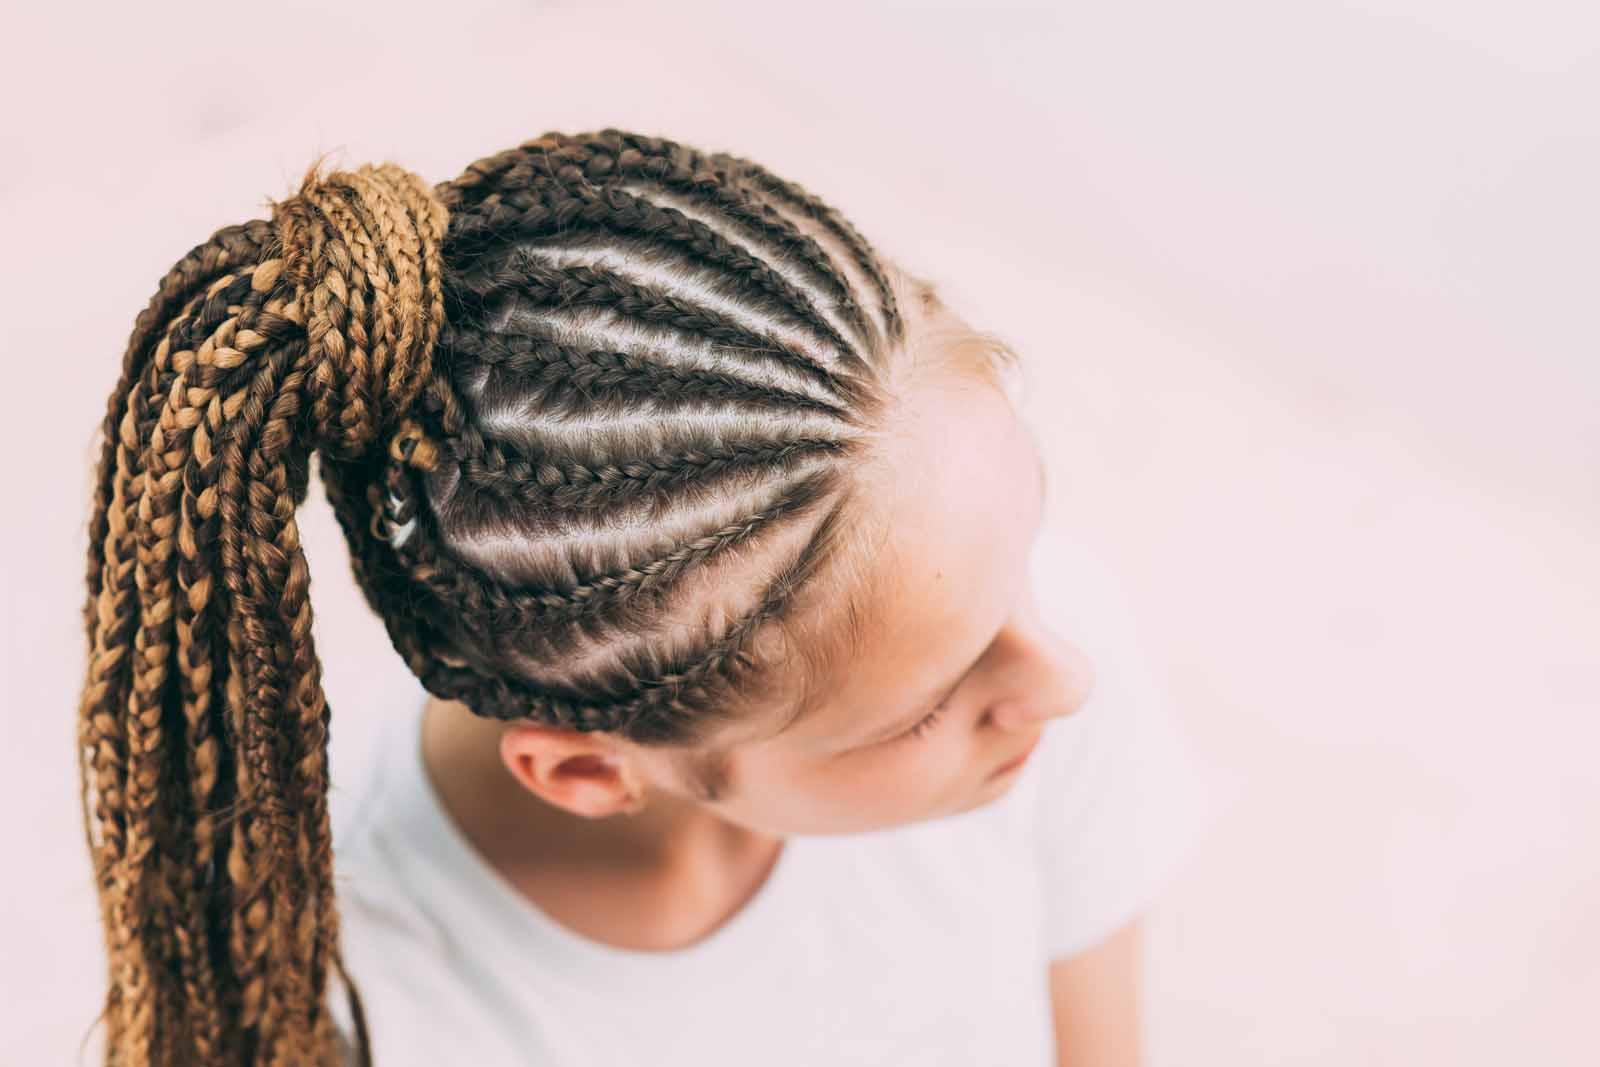 Mujer con peinado con trenzas de raíz africanas